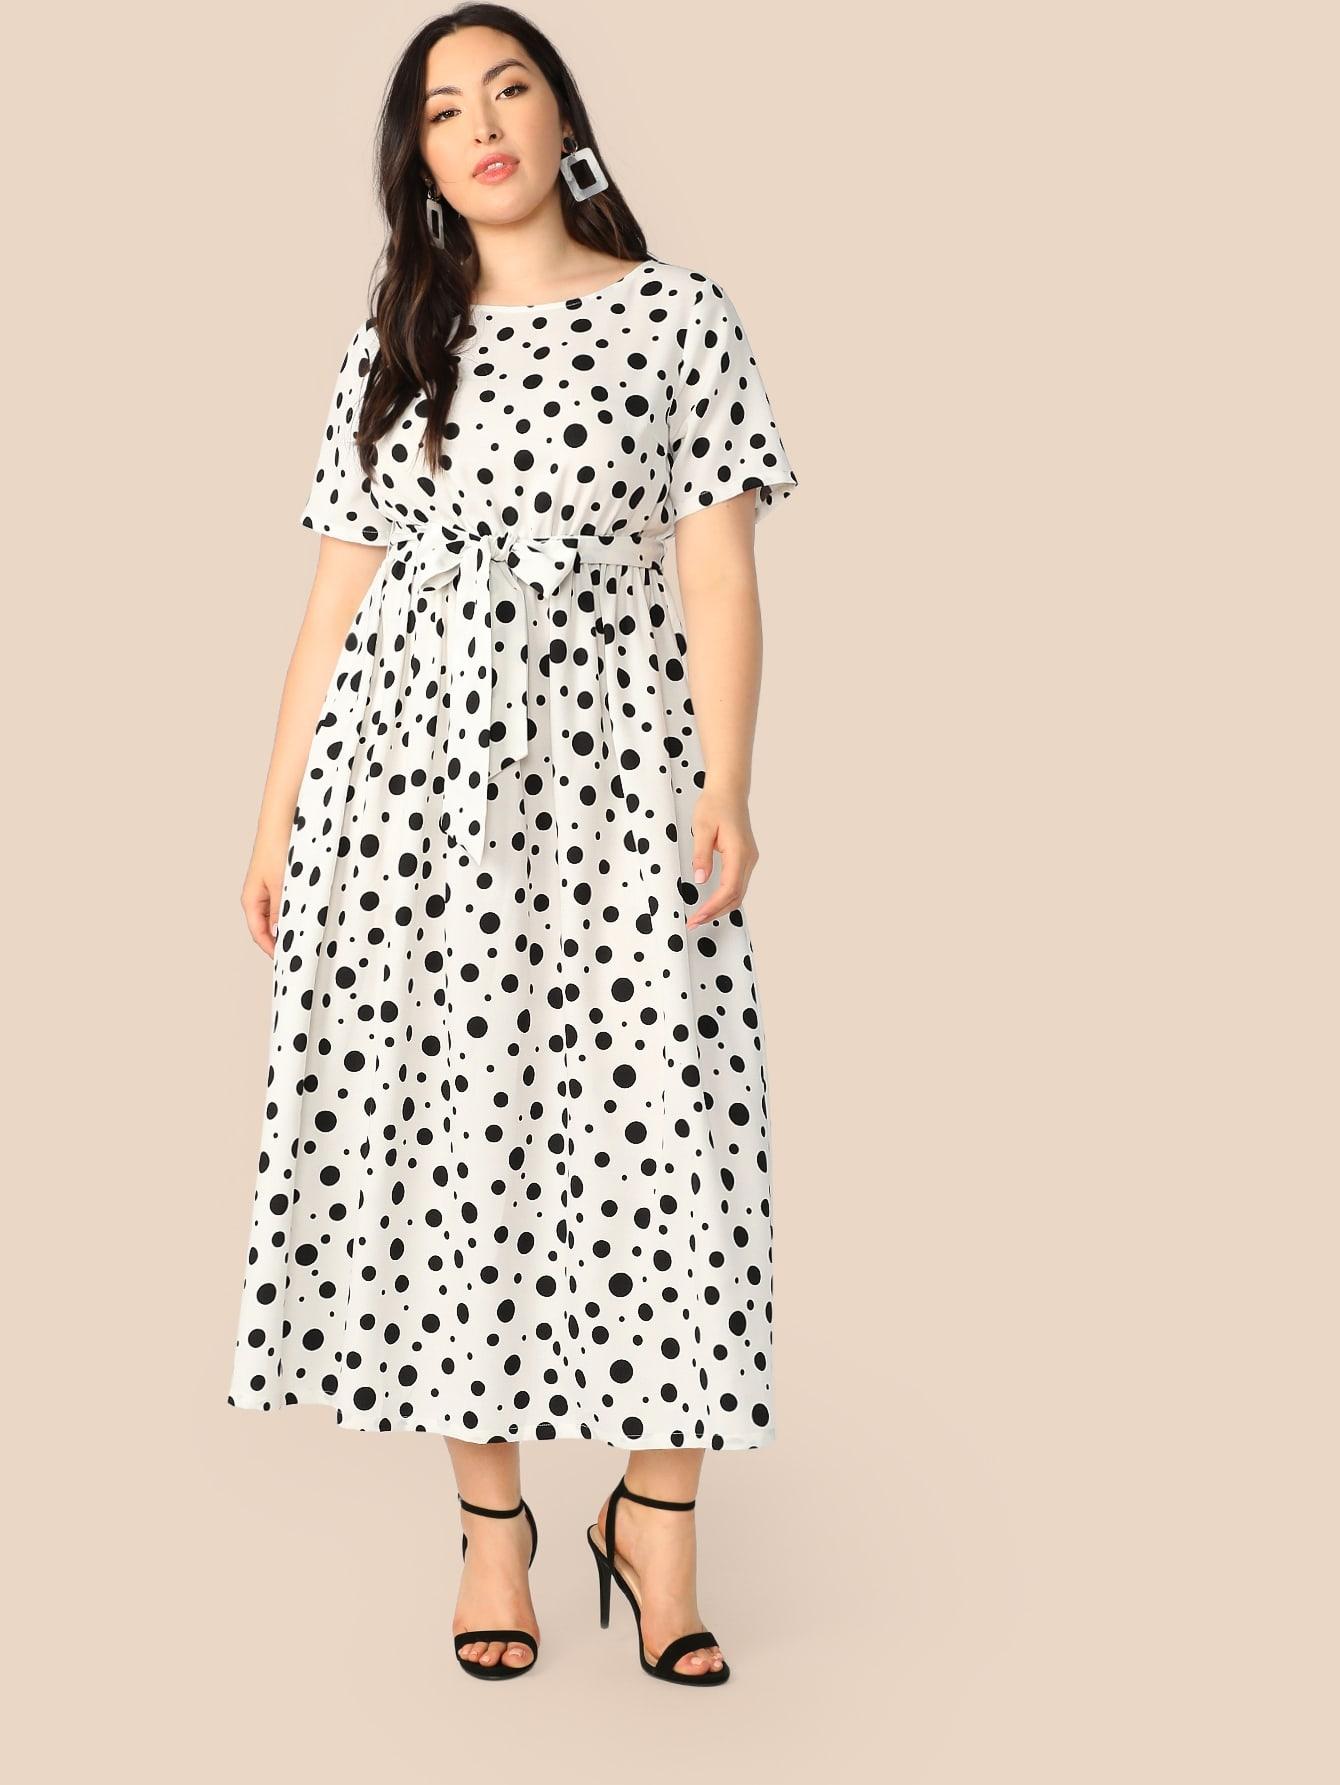 Фото - Платье в горошек с поясом размера плюс от SheIn цвет чёрнобелые